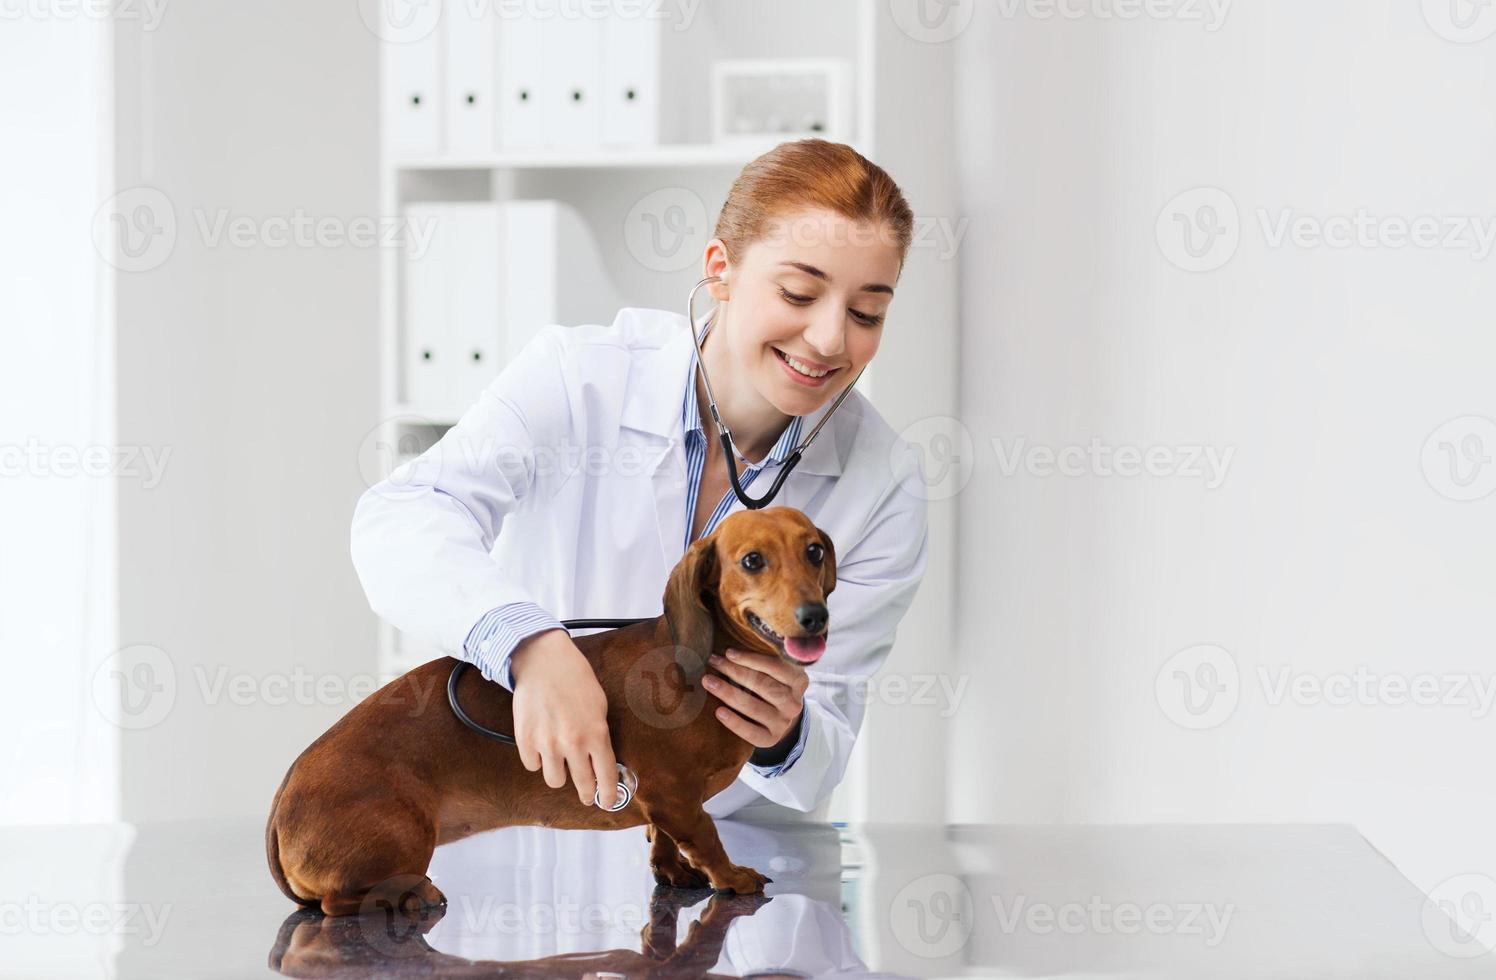 docteur, stéthoscope, chien, vétérinaire, clinique photo